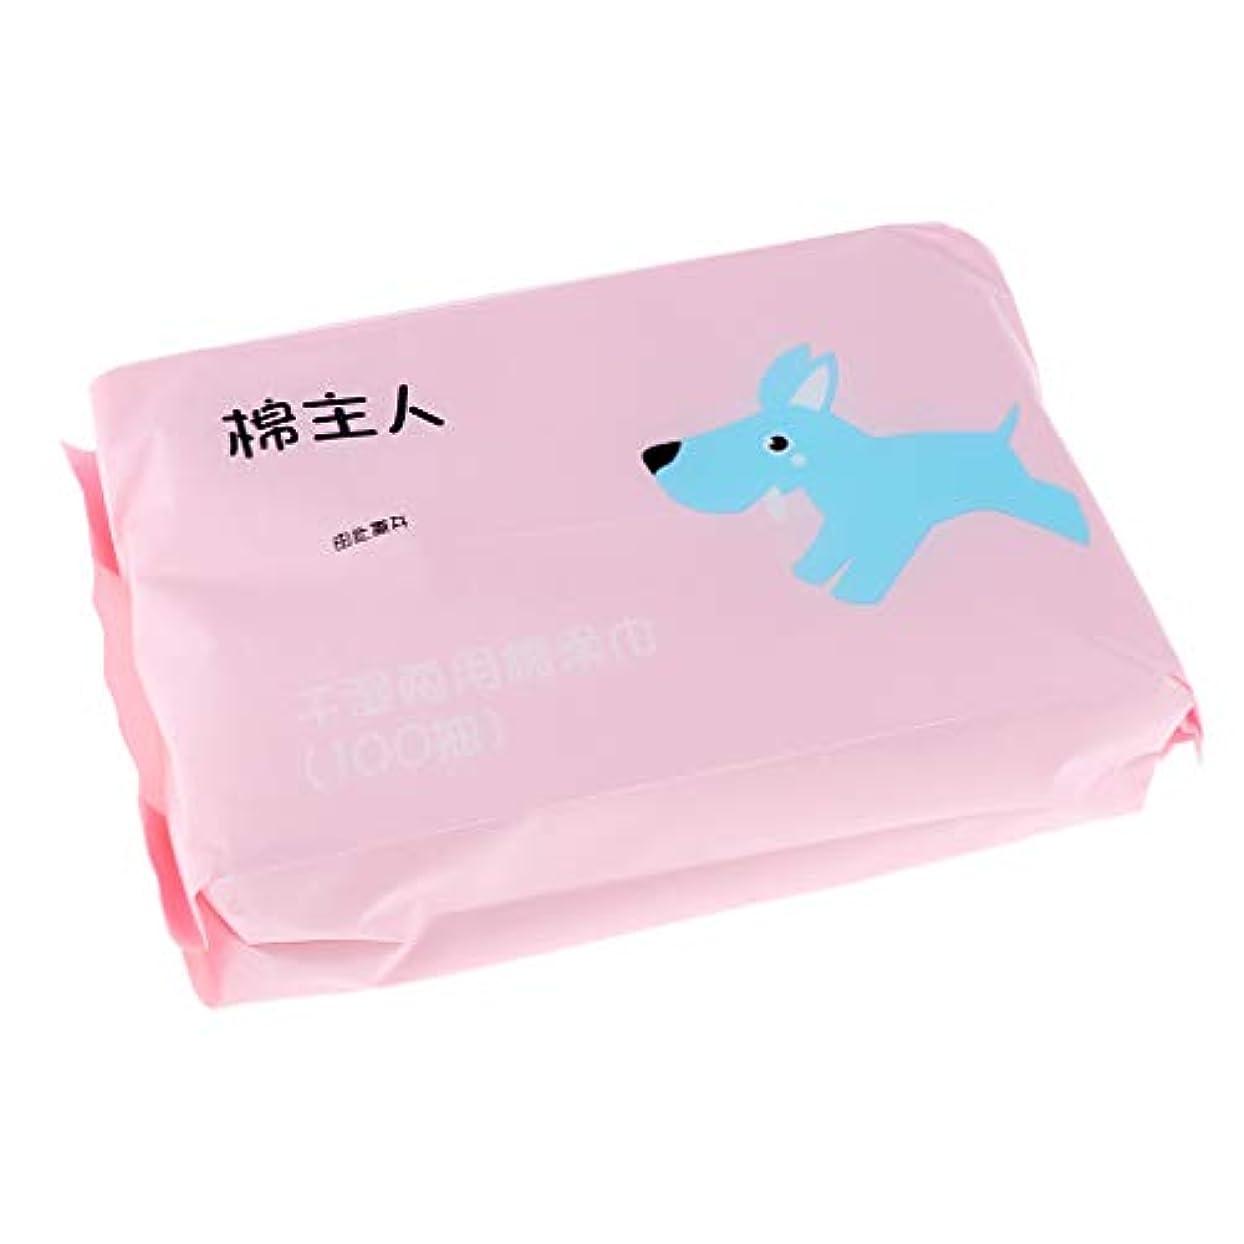 適切な任命するトーン約100枚 使い捨て クレンジングシート ソフト 2色選べ - ピンク